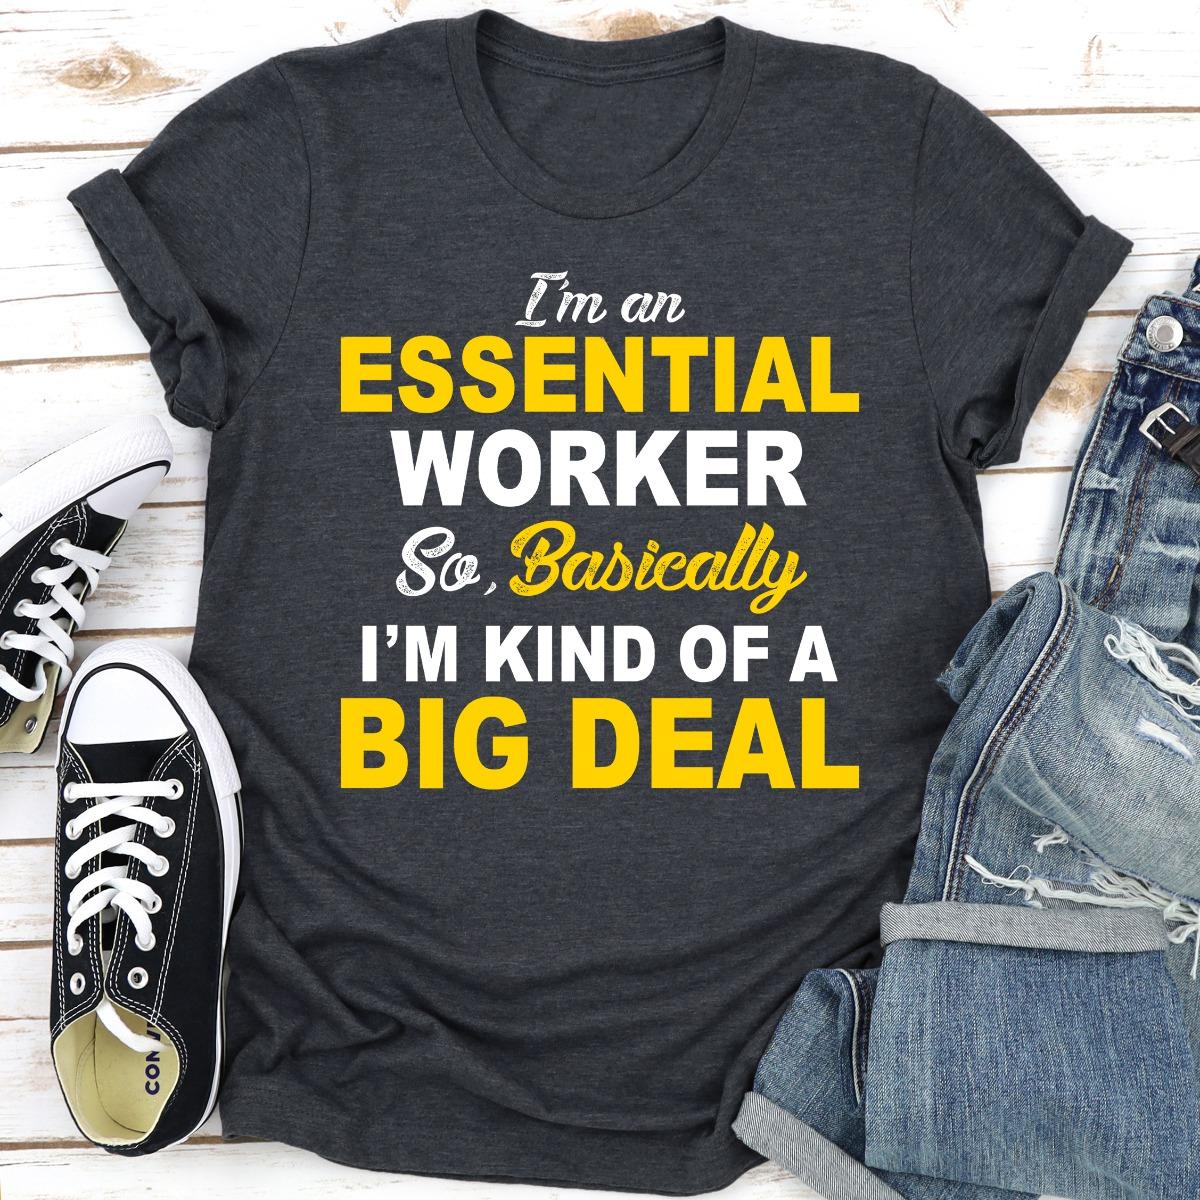 I'm An Essential Worker (Dark Heather / S)